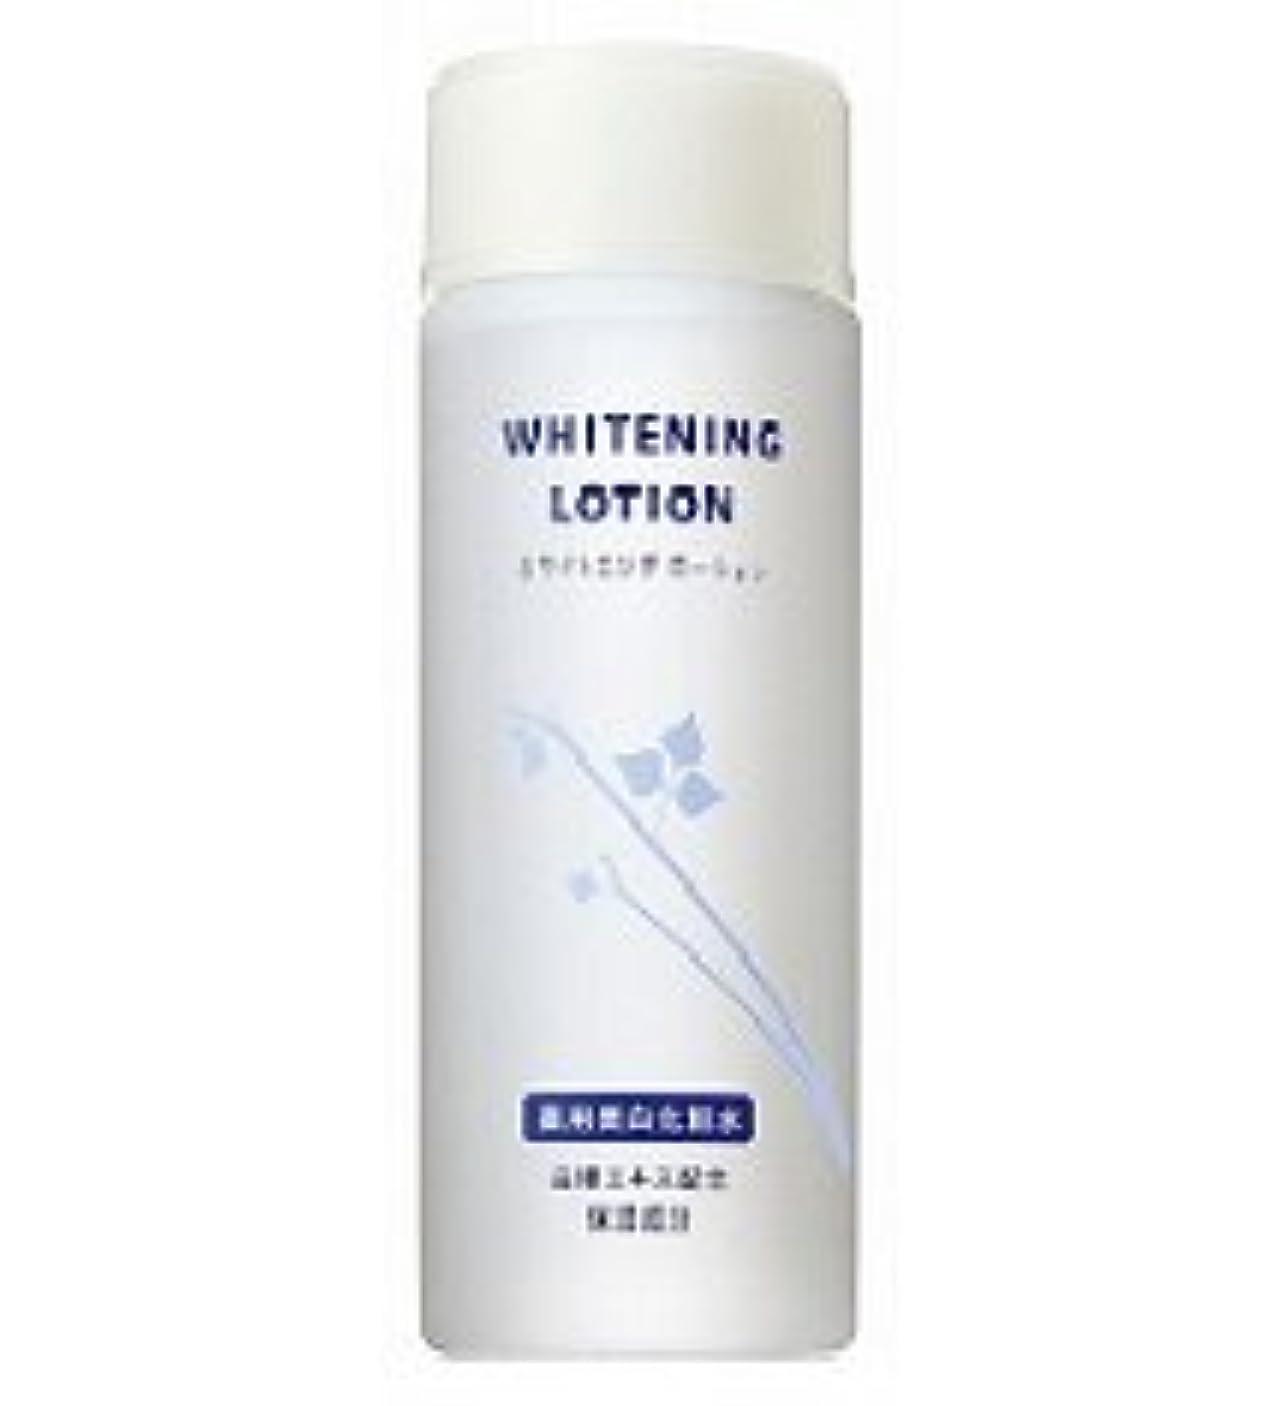 エイボン (AVON) 美白化粧水 ホワイトニング ローション 150ml 【医学部外品】